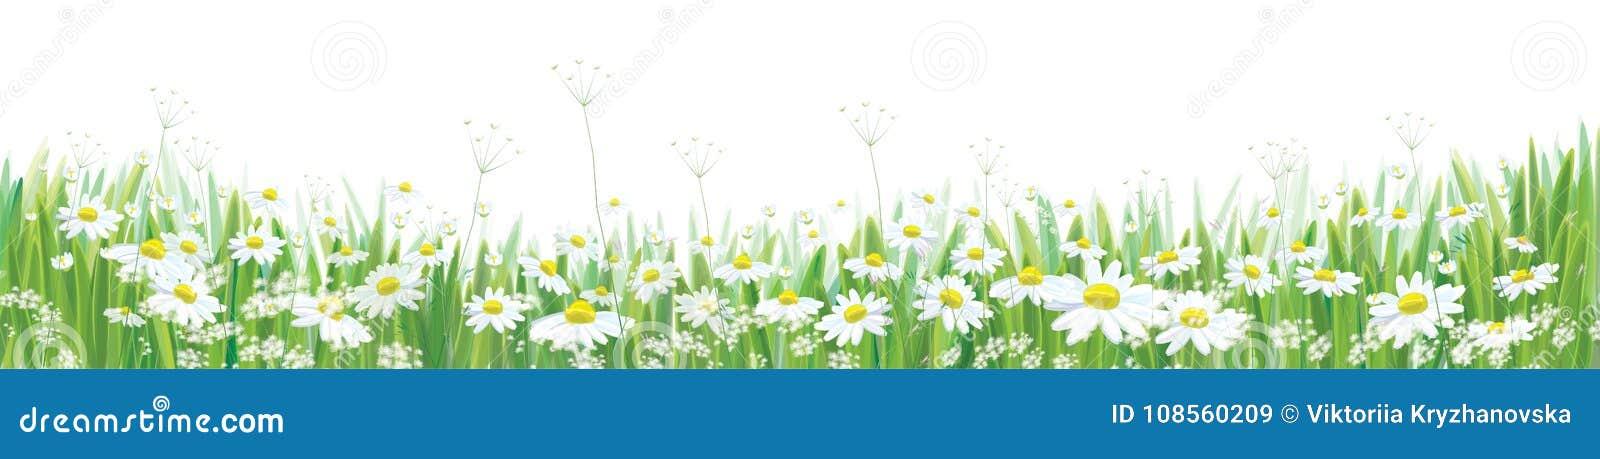 Wektorowy kwitnie stokrotka kwiatów pole